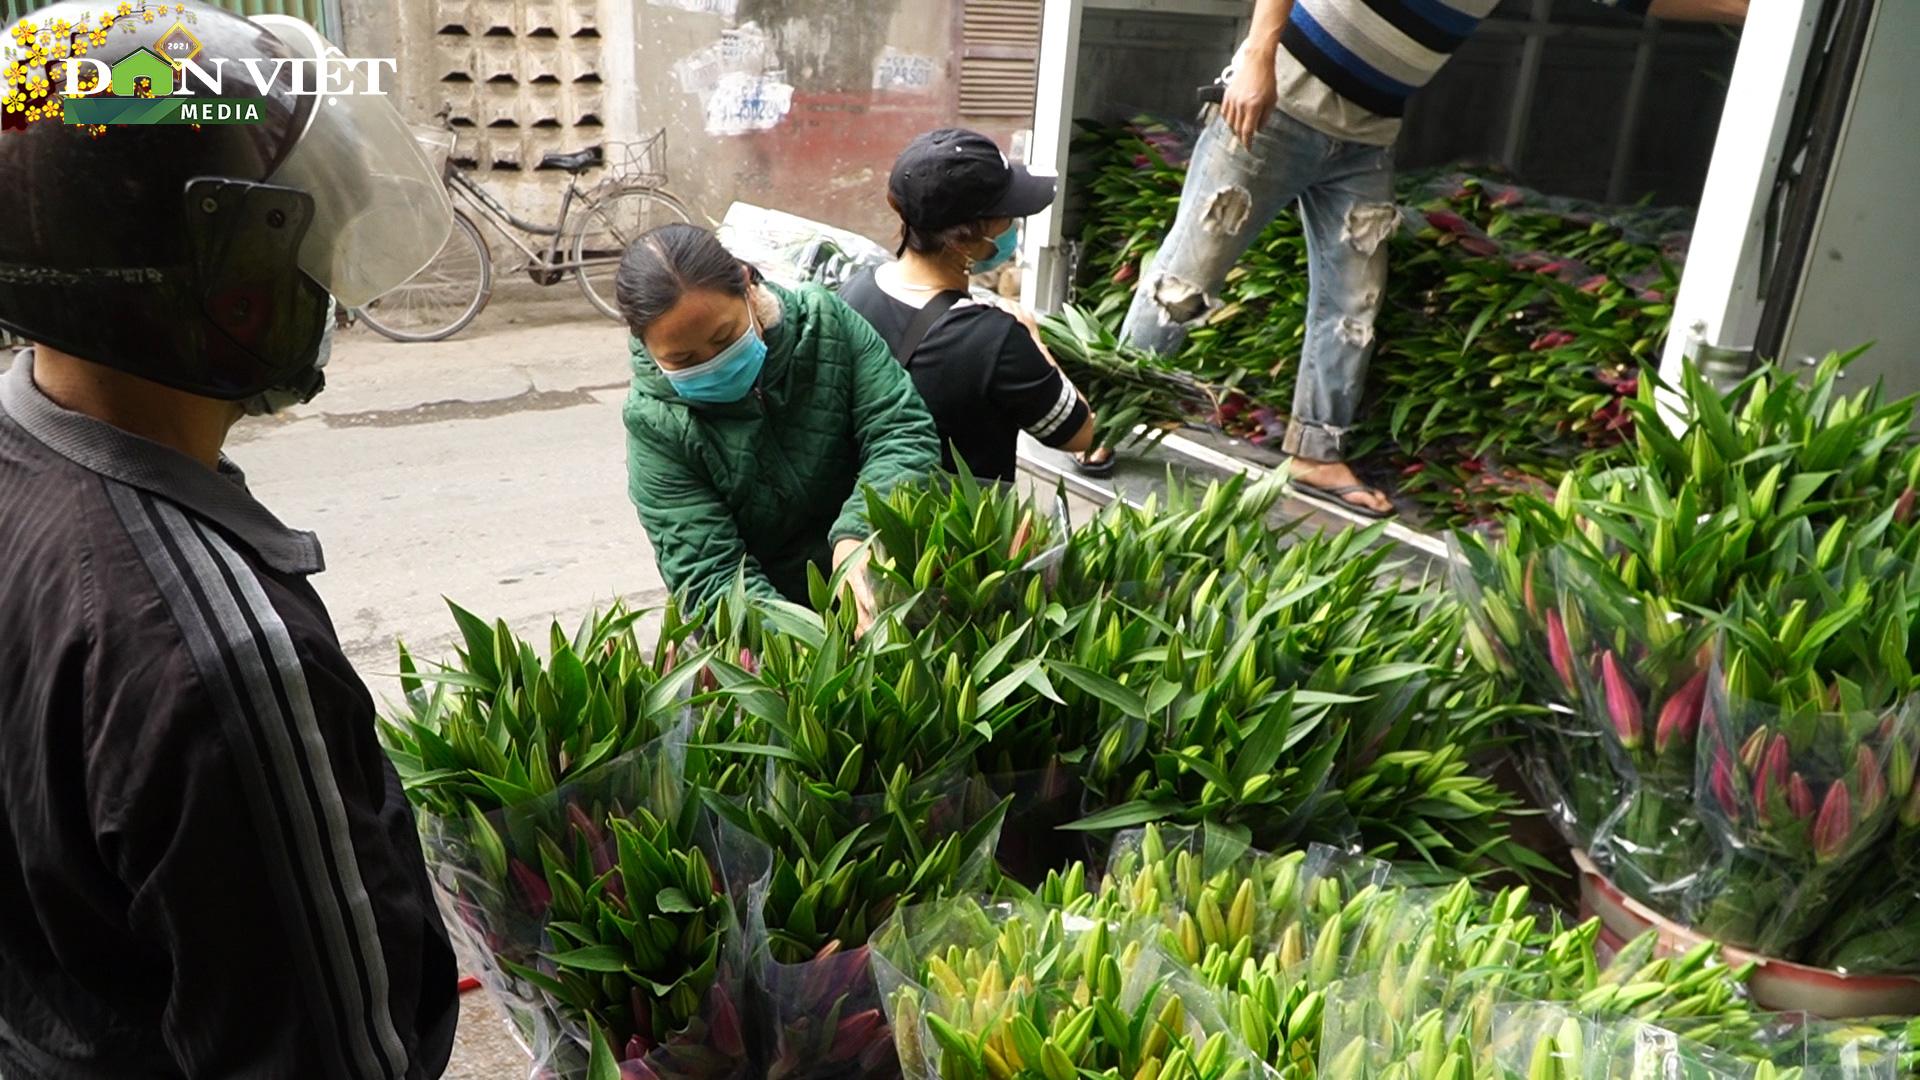 """Hoa ly rớt giá rẻ như rau, người dân làng Tây Tựu """"ngồi trên đống lửa"""" - Ảnh 3."""